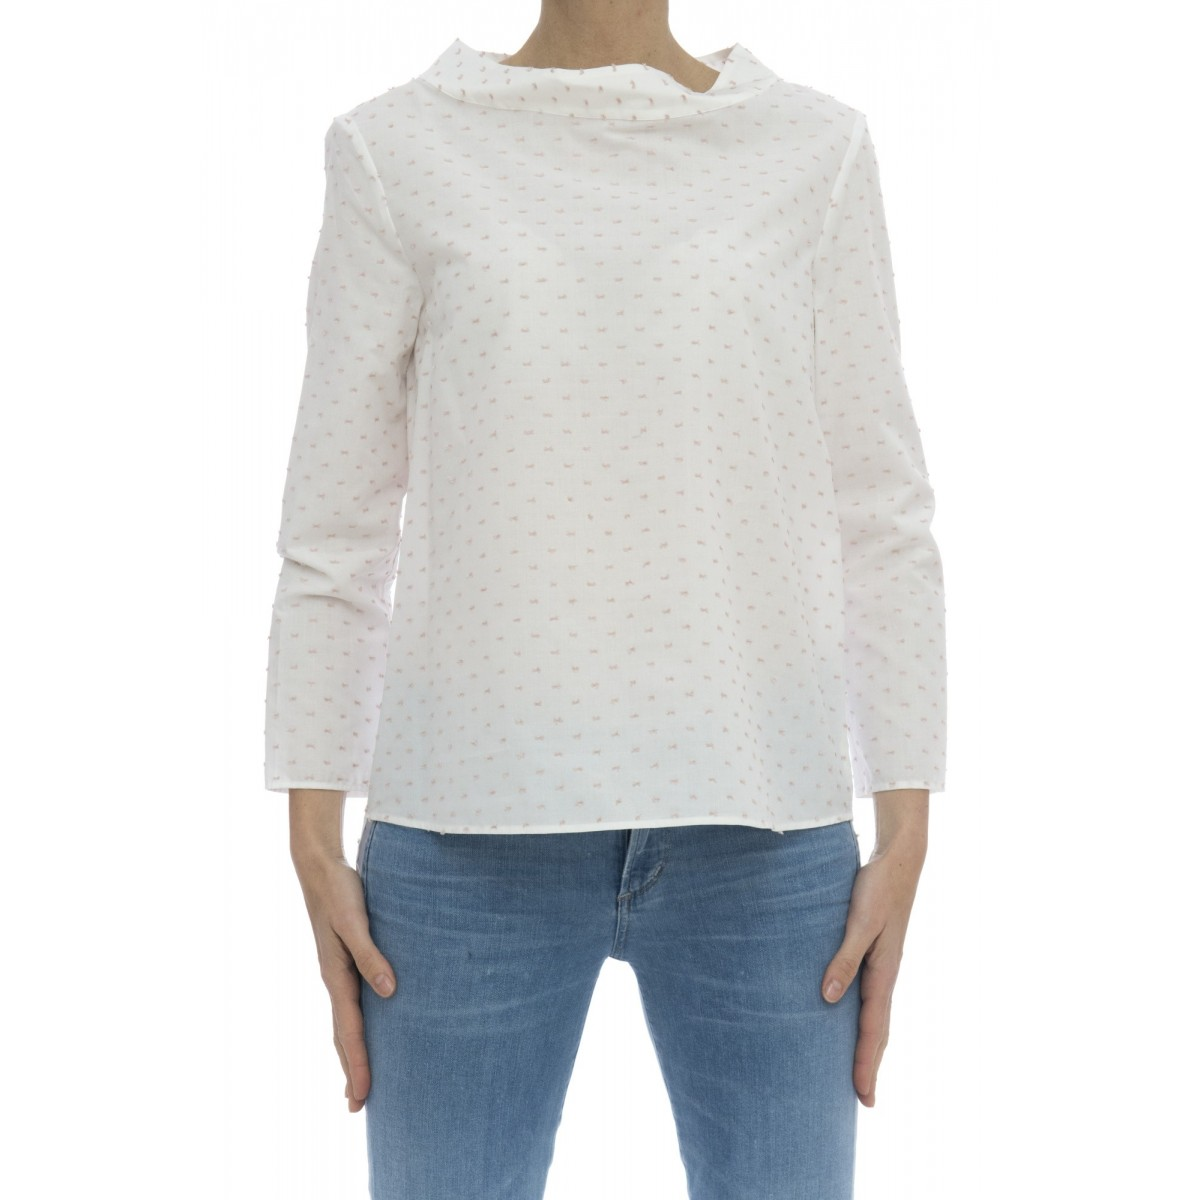 Camicia donna - Clara 85407 cotone plumeties